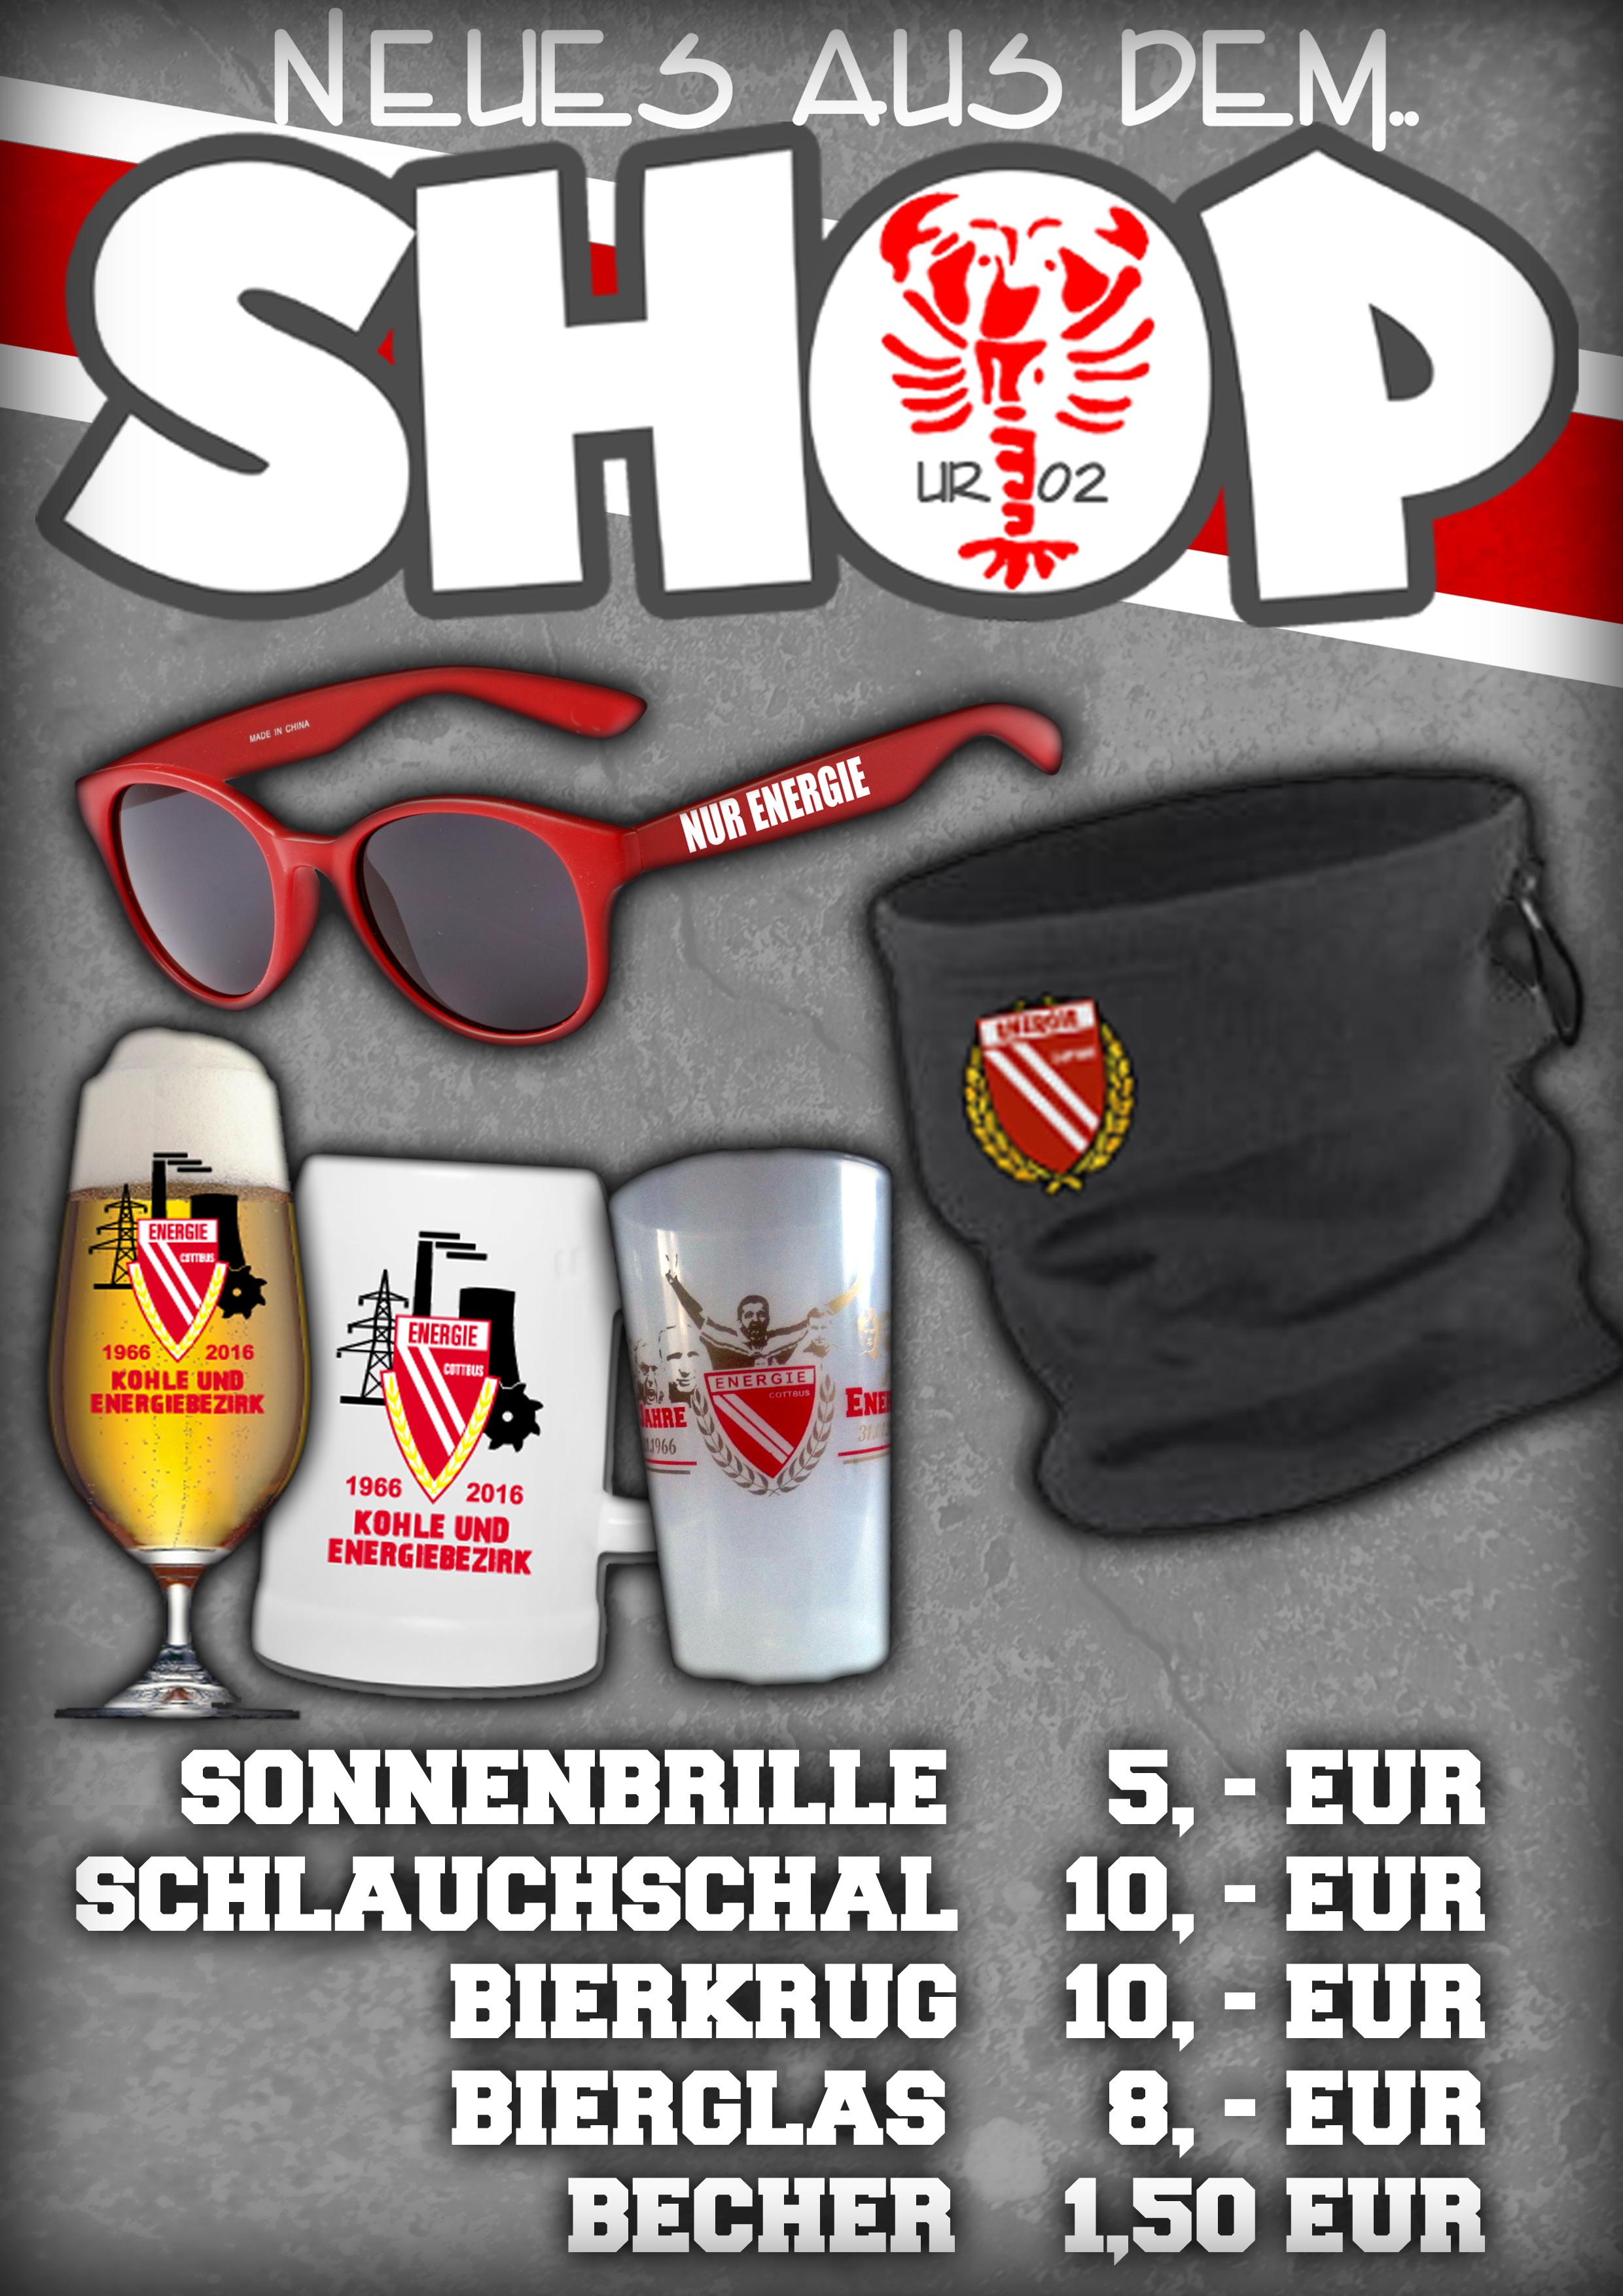 Sonnenbrille_Schlauchschal_Glas_Becher_Krug